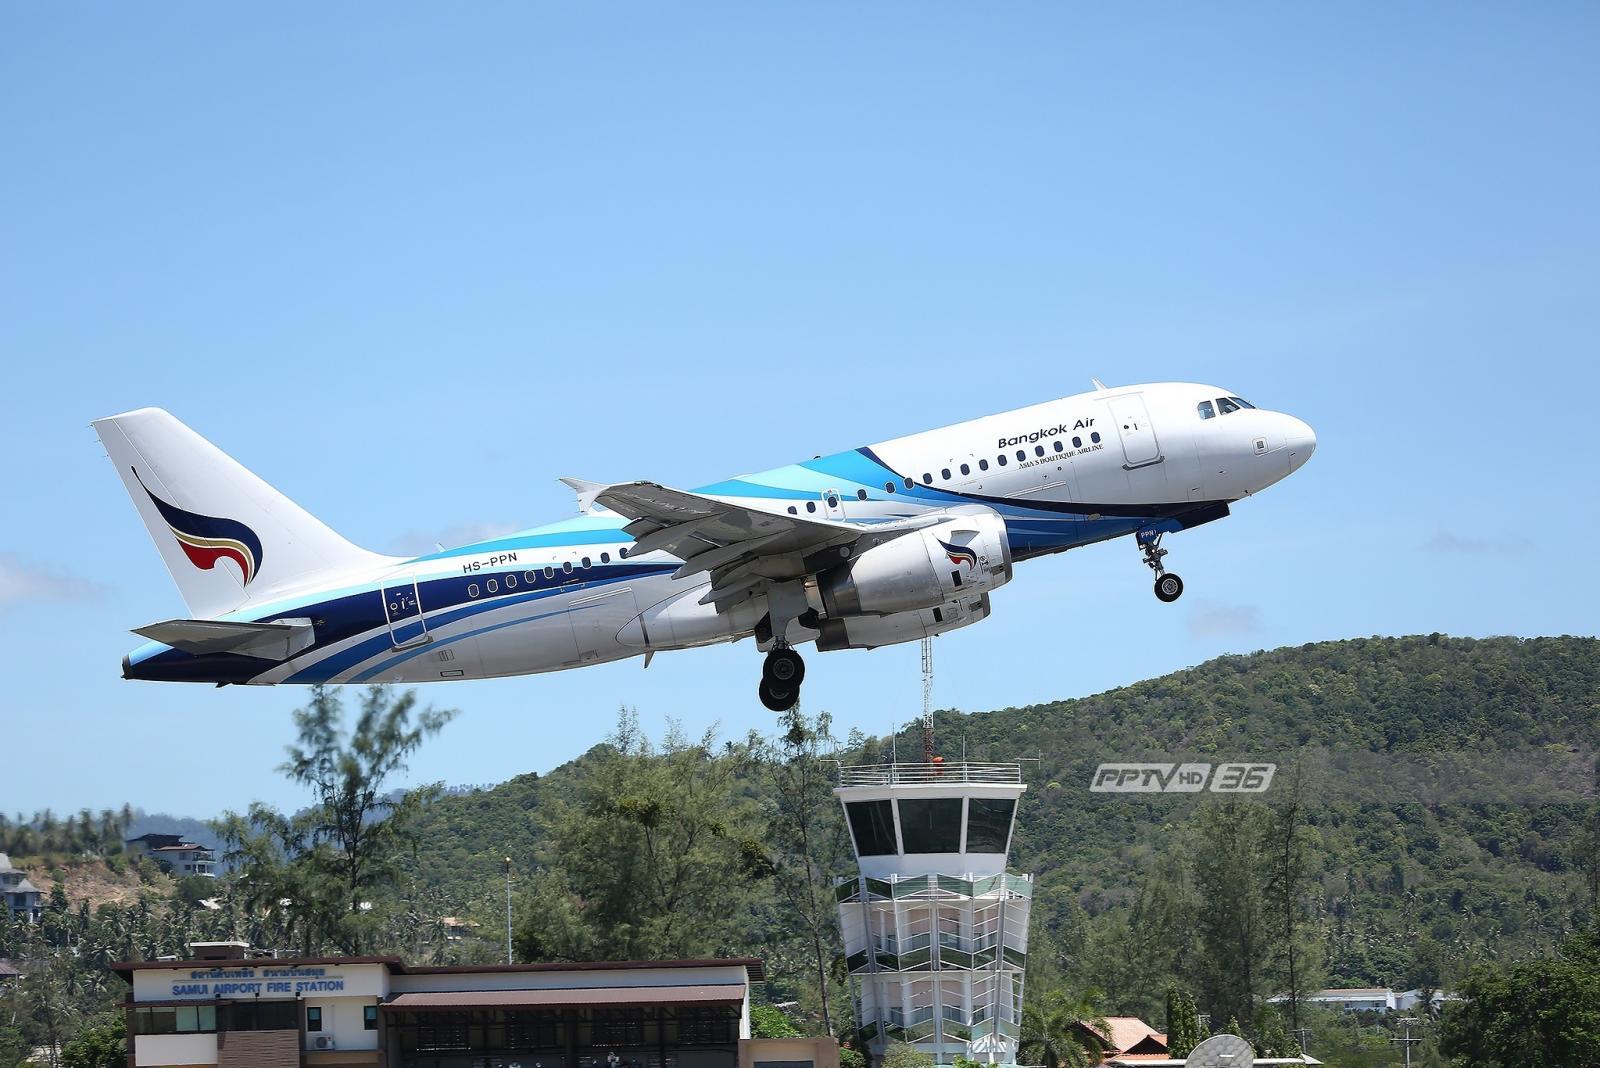 วิทยุการบินฯ คาดช่วงสงกรานต์ ปริมาณเที่ยวบินทั่วประเทศเพิ่มขึ้น 11%